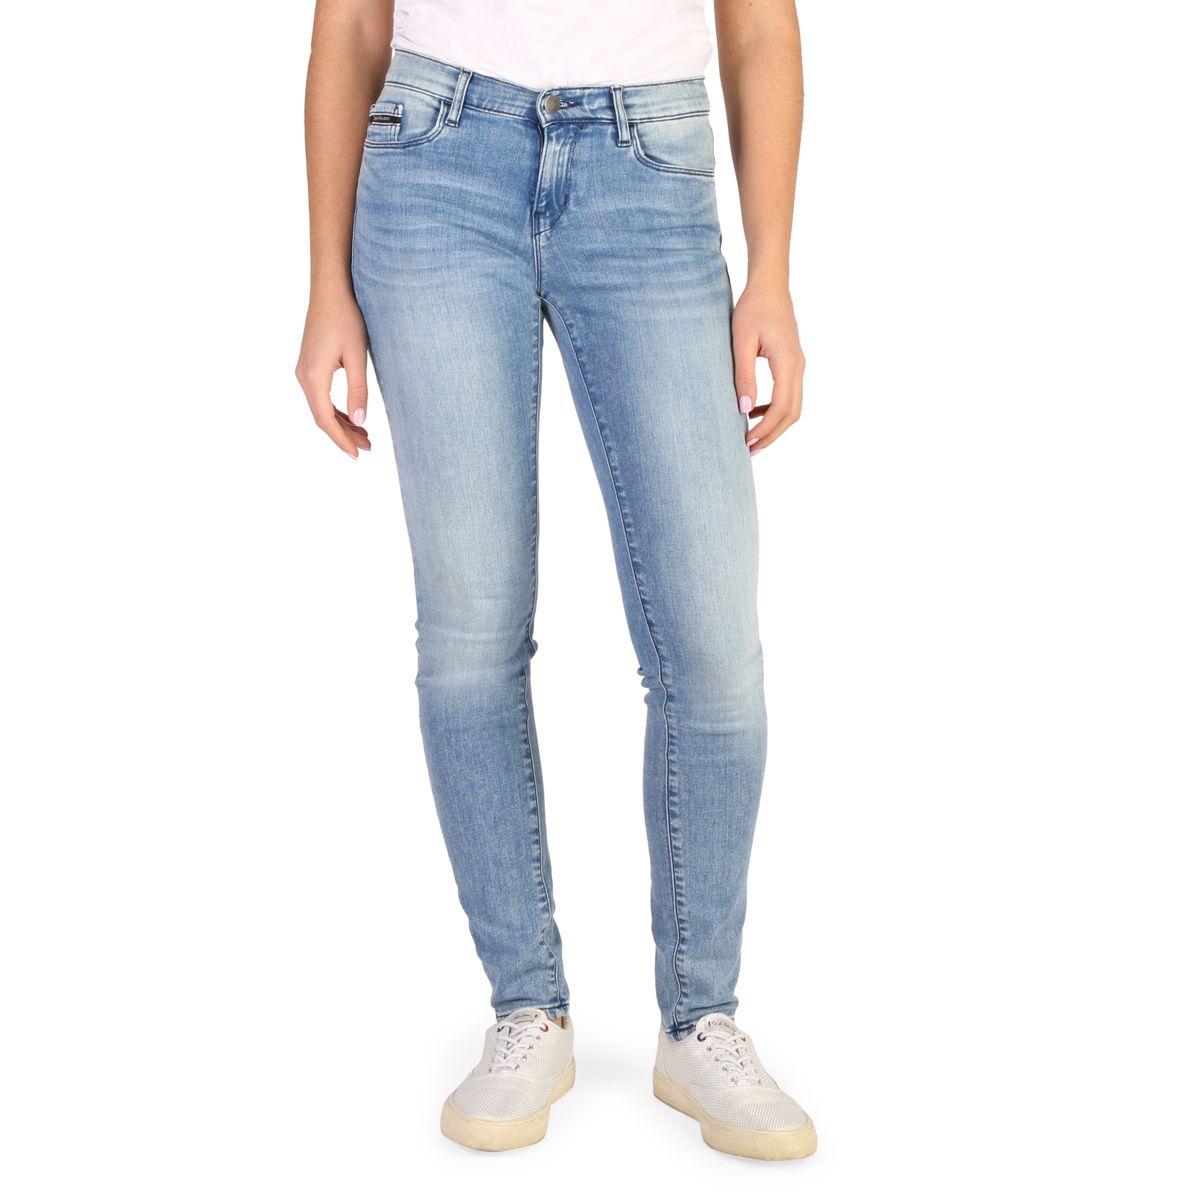 Calvin Klein – J20J204983 L32 Jeans